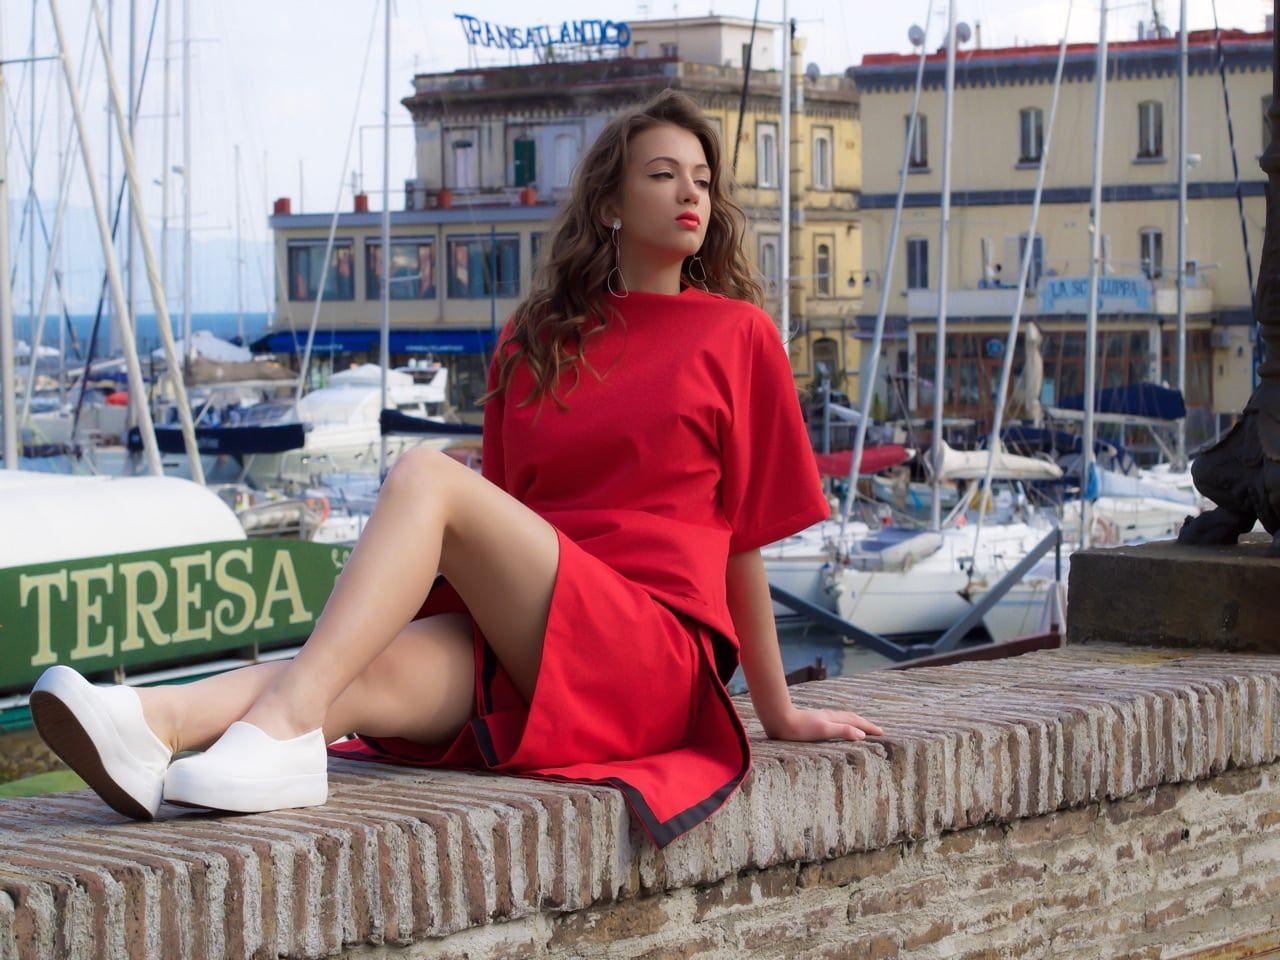 Intervista allo stilista Tsang Fan Yu, Napoli capitale della moda-1